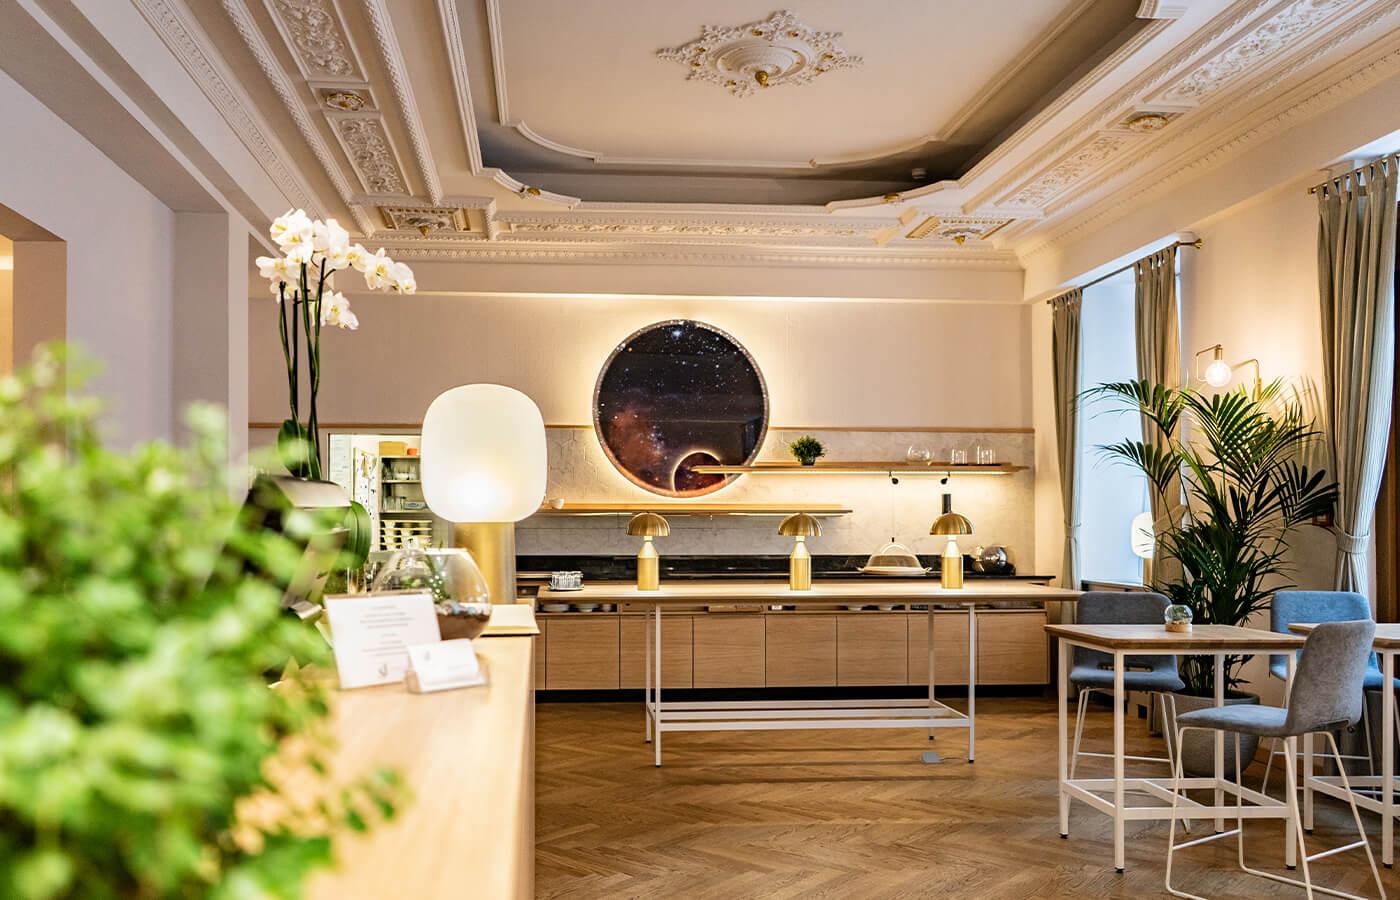 Hotel Rezeption und Zimmer von id Werkstatt - Bild Rezeption mit Frühstücksbuffet im Hintergrund von Starlight Suiten Hotels Wien